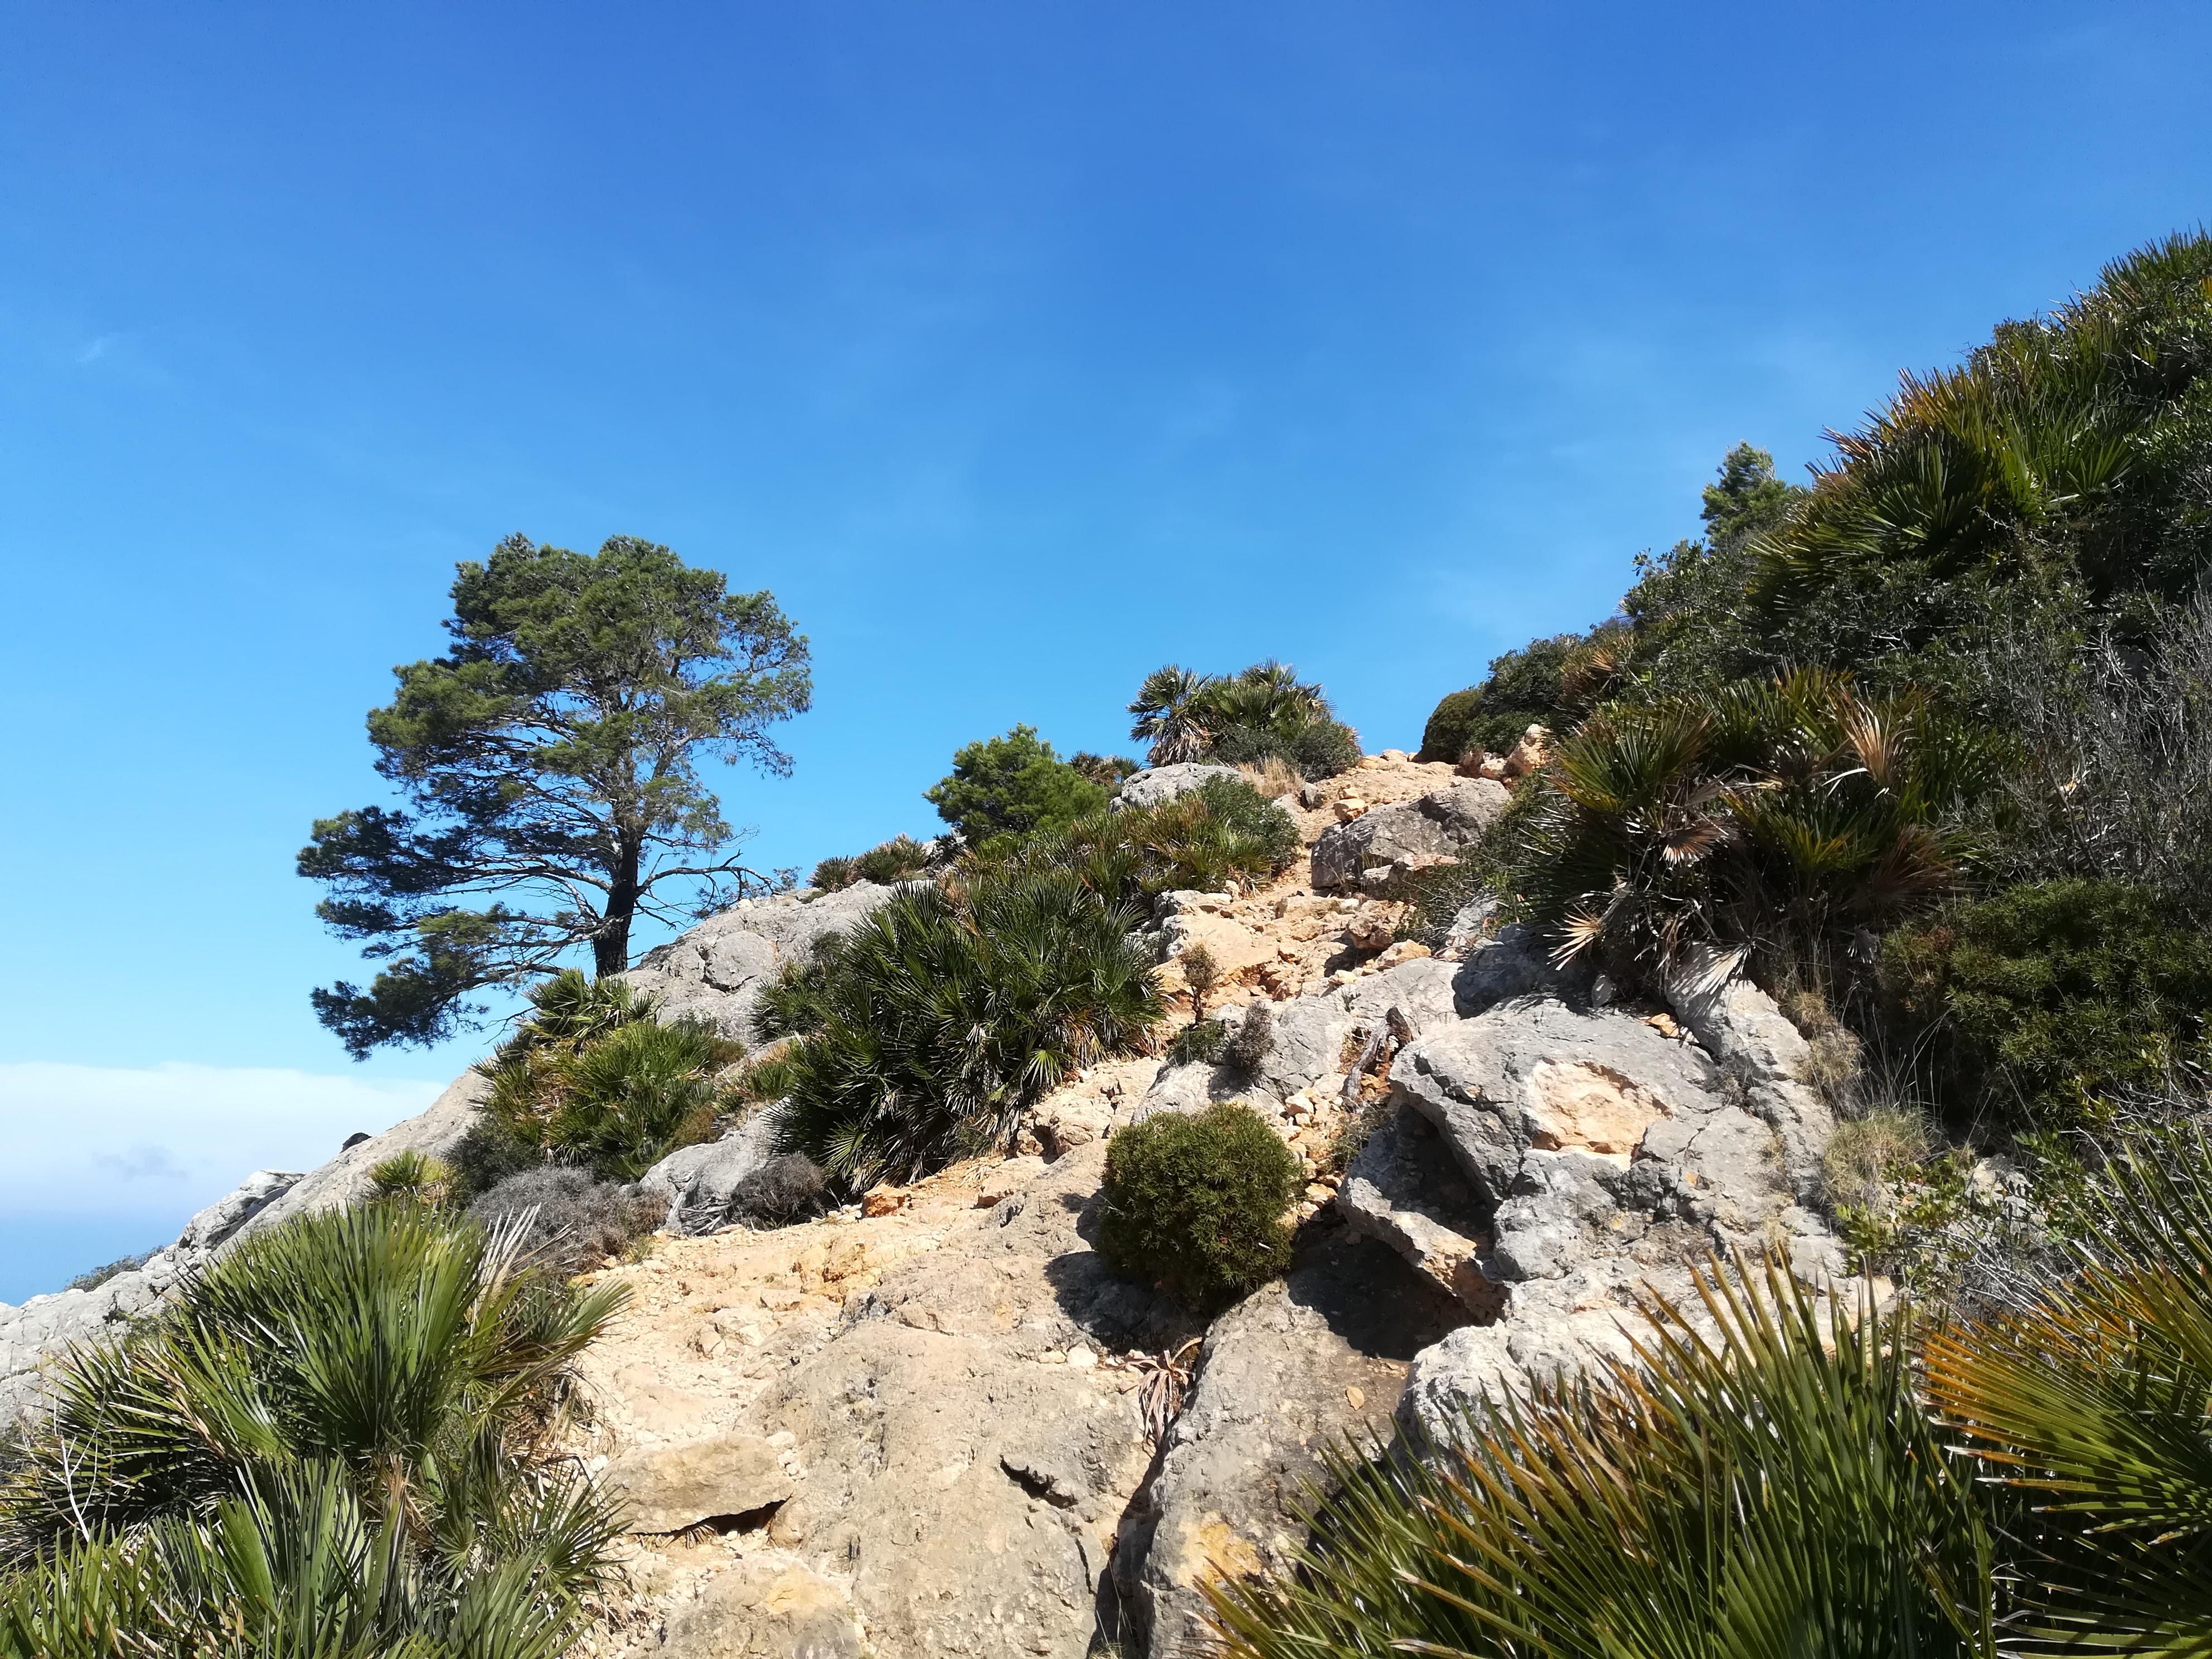 Wanderung auf dem GR 221 - Ein Erlebnisbericht 4